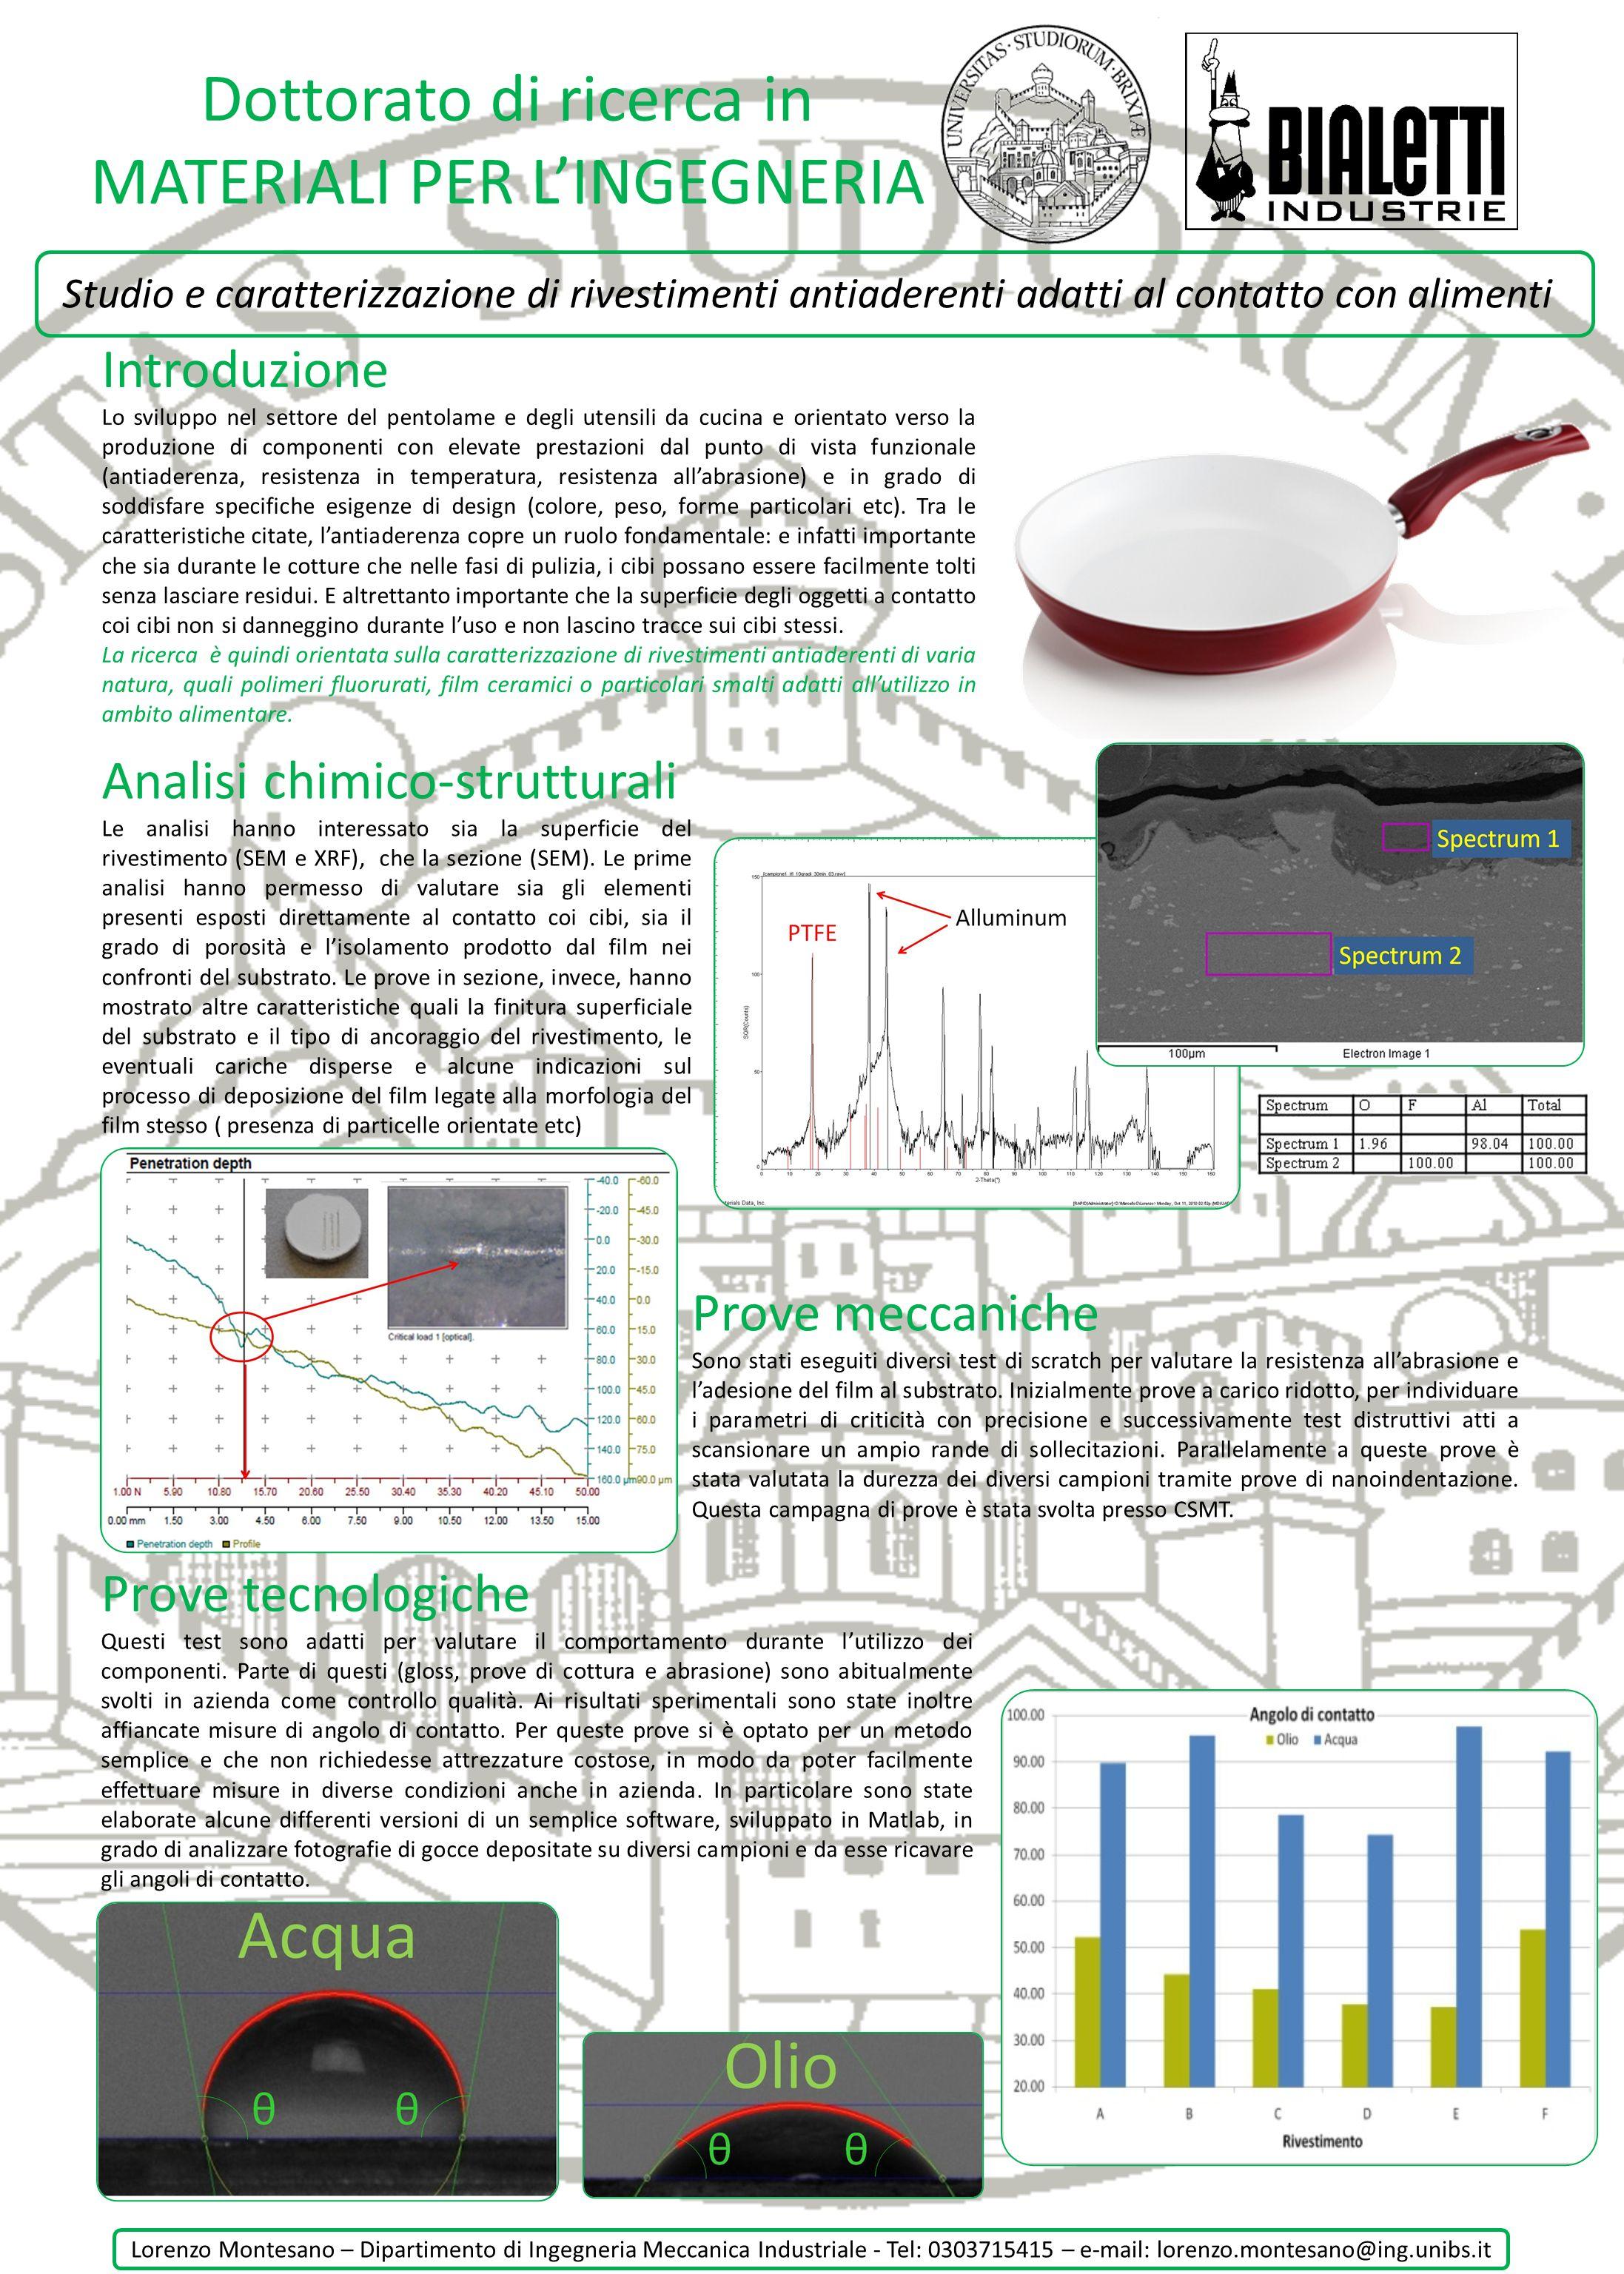 Dottorato di ricerca in MATERIALI PER LINGEGNERIA Studio e caratterizzazione di rivestimenti antiaderenti adatti al contatto con alimenti Introduzione